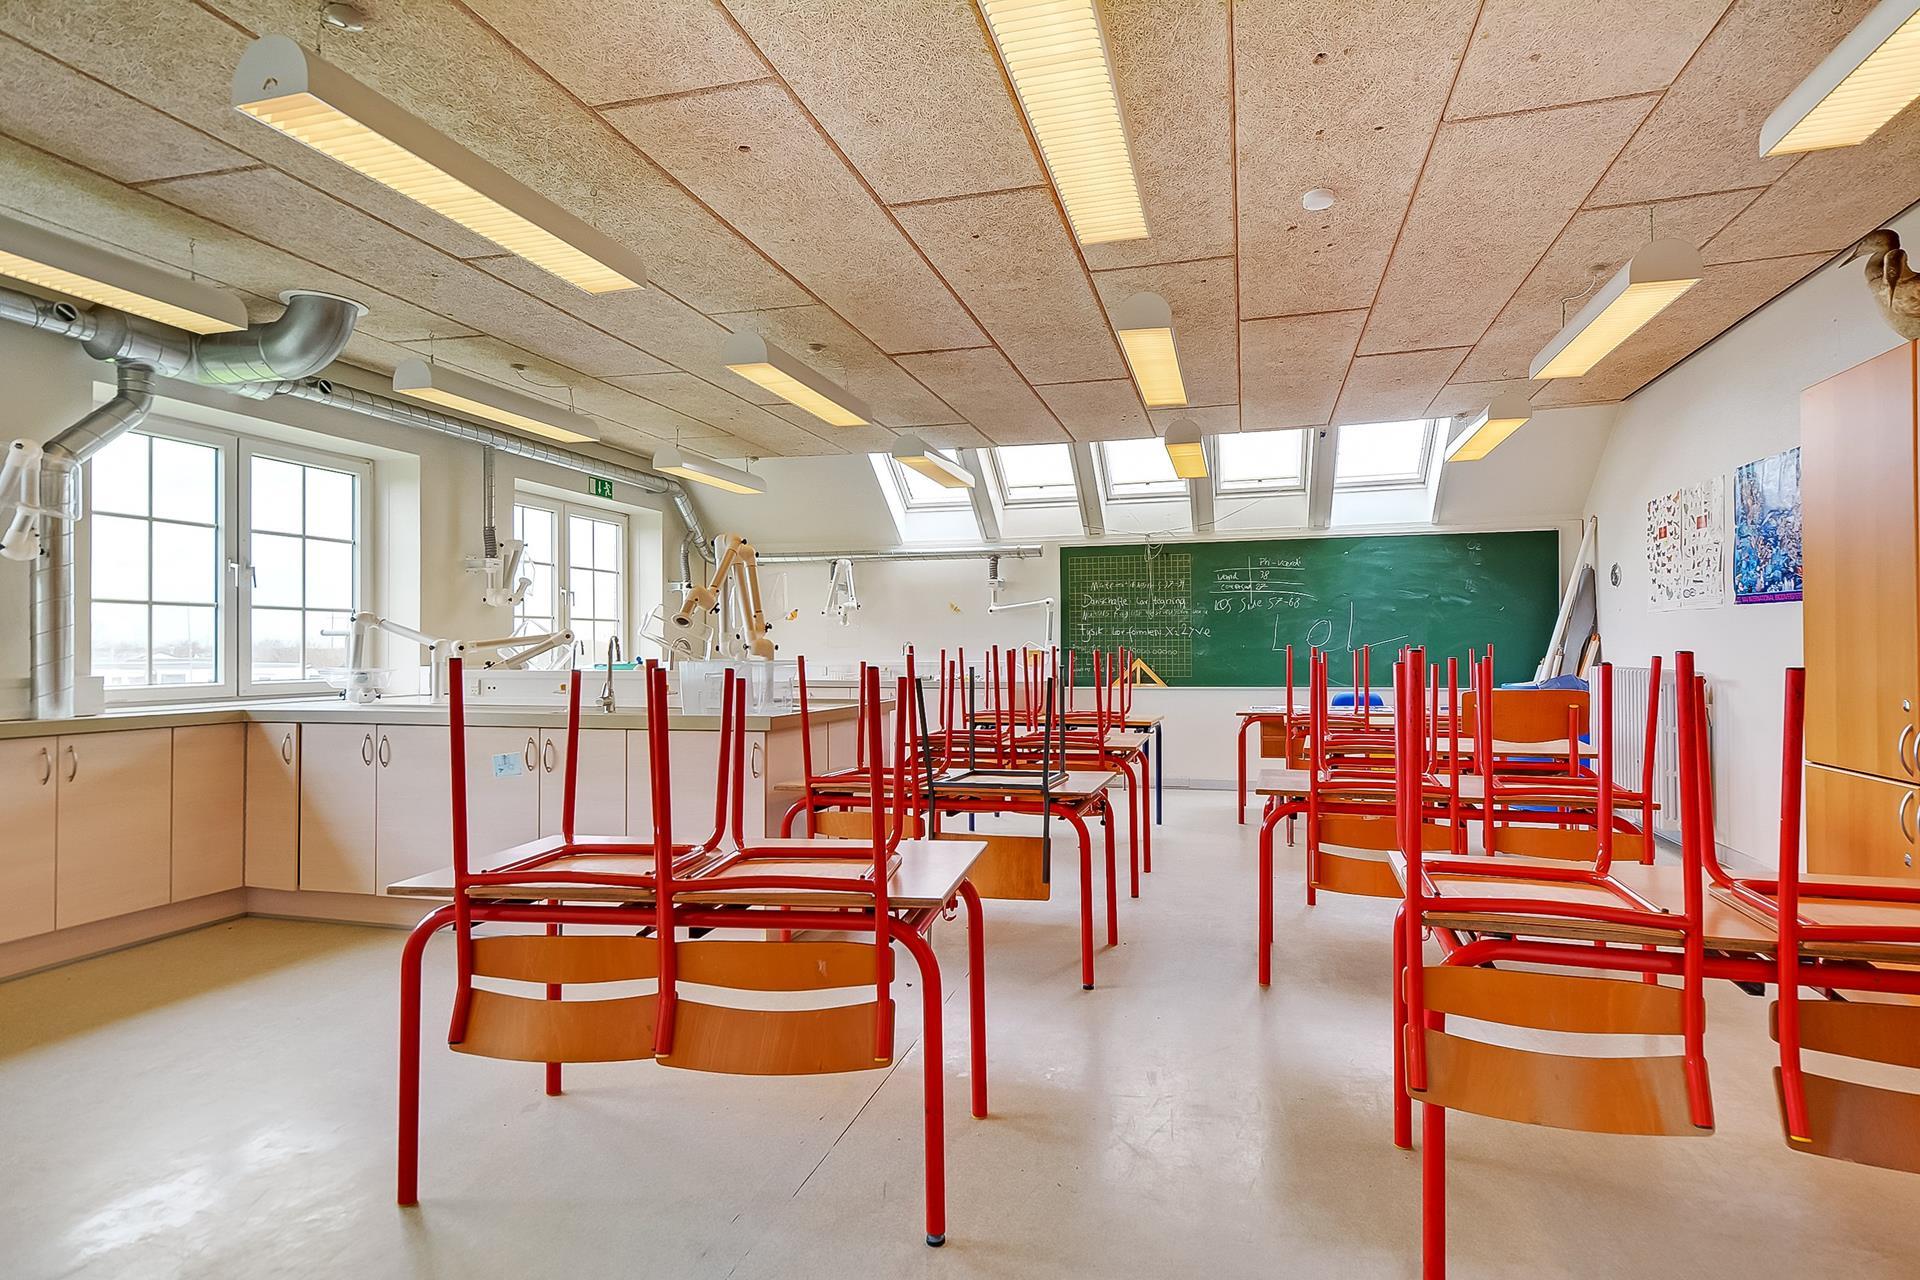 Bolig/erhverv på Skolevej i Skærbæk - Andet